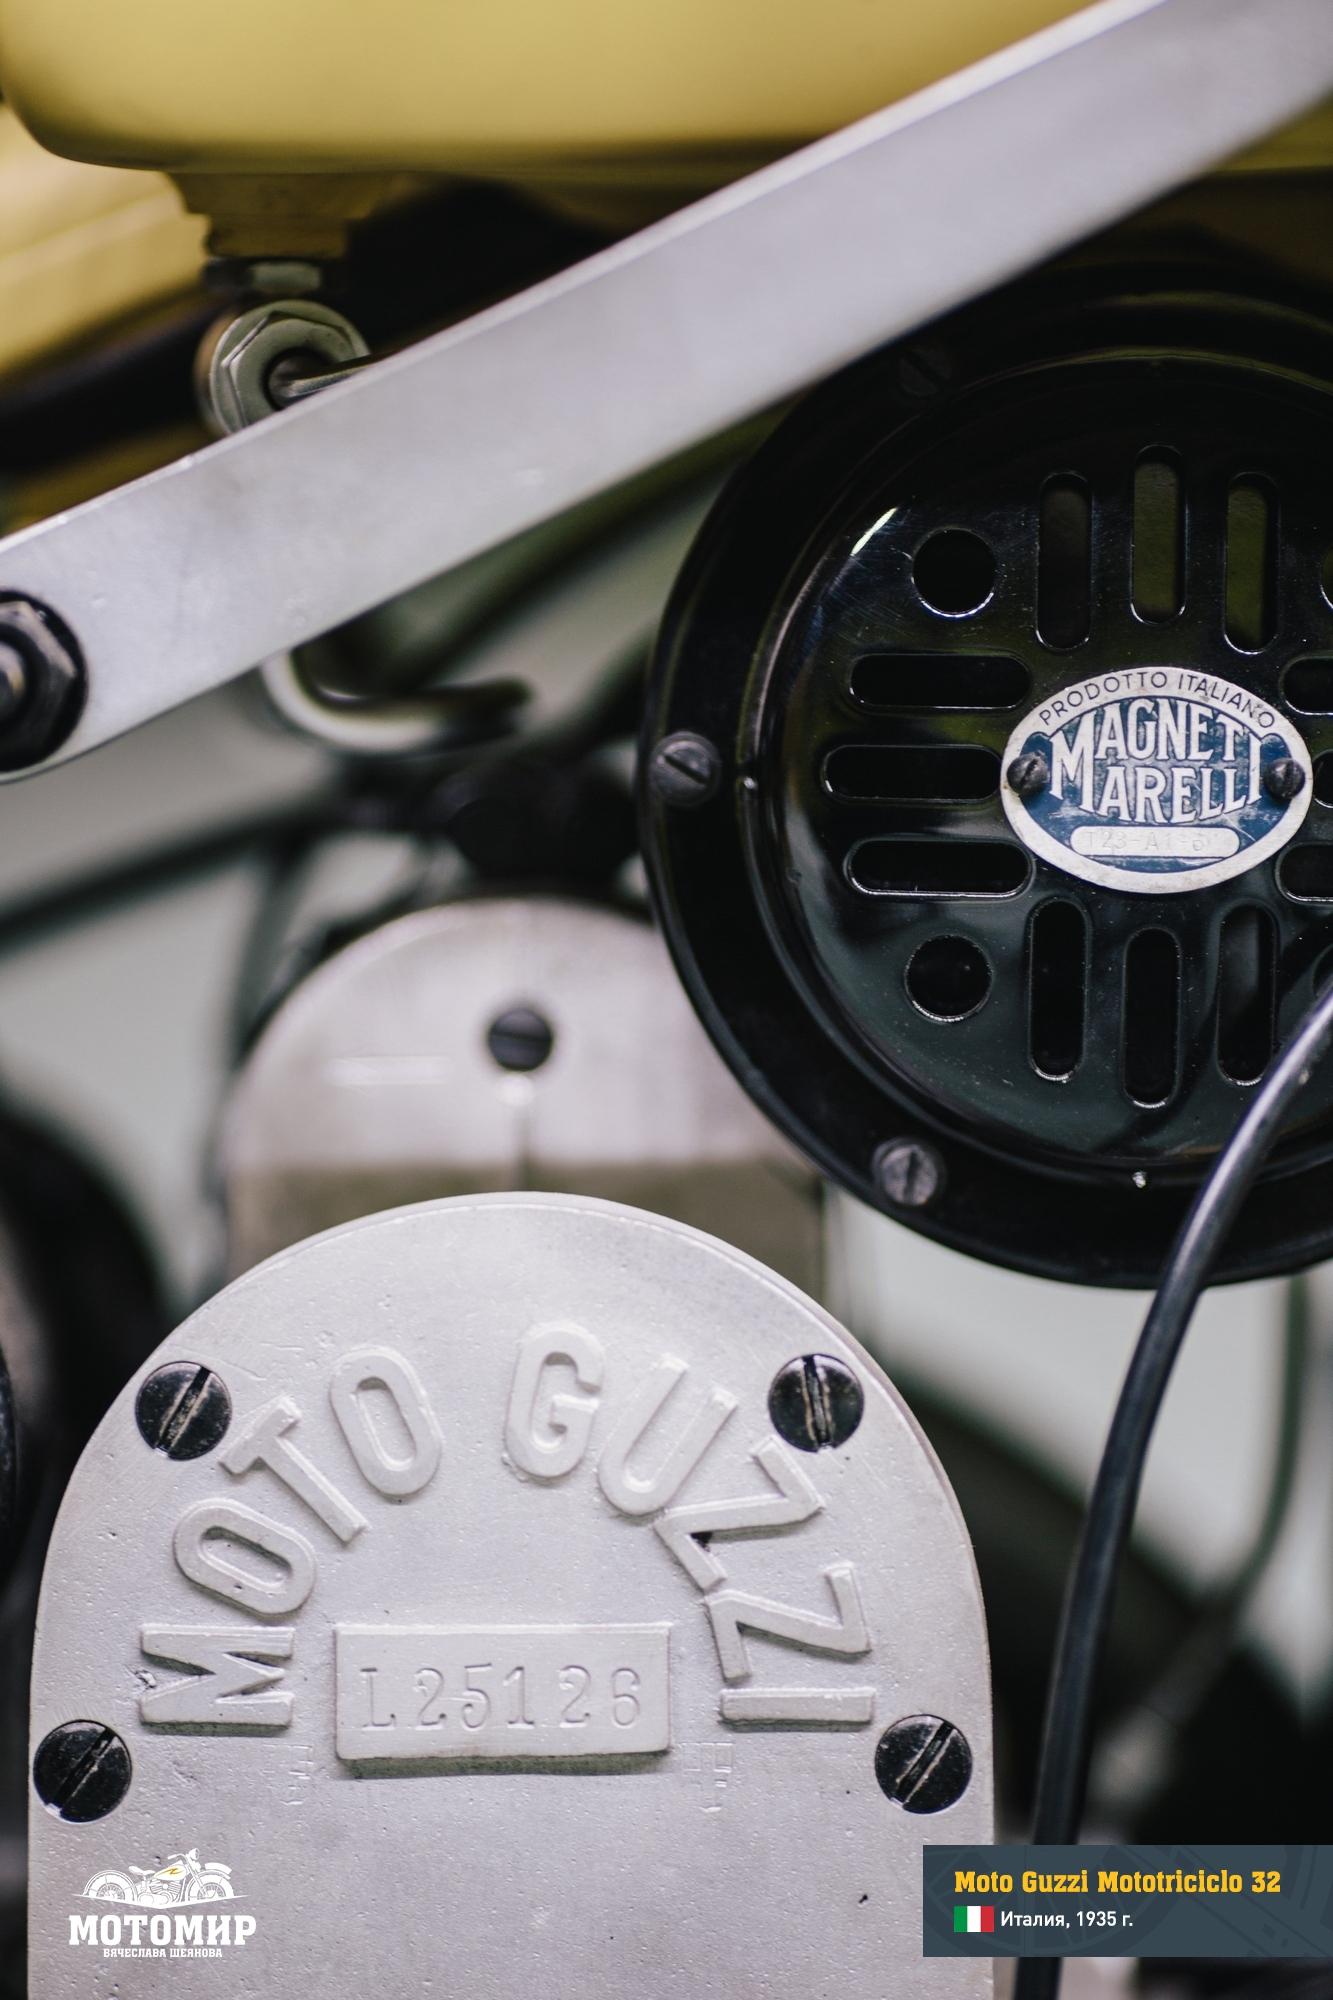 moto-guzzi-mototriciclo-32-web-13